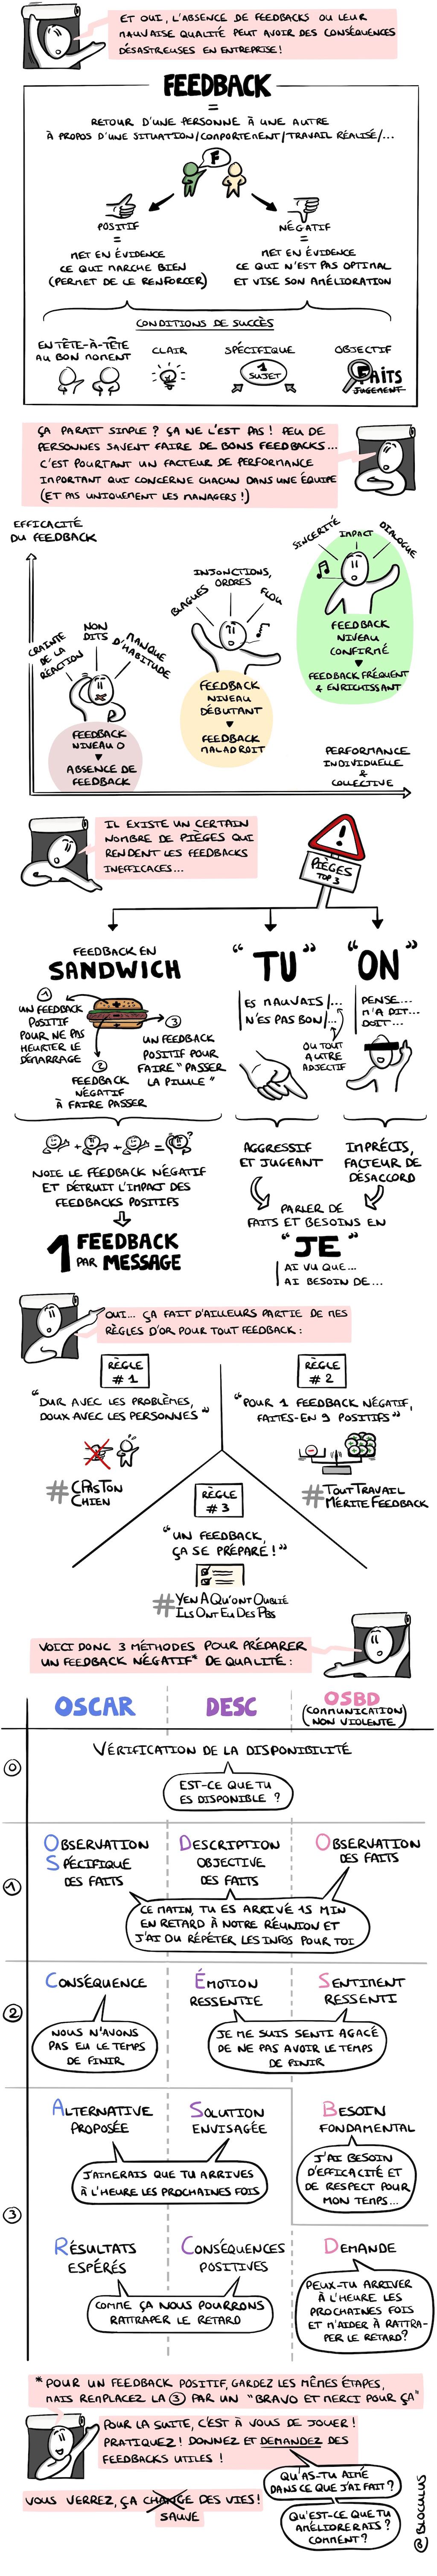 : Le guide essentiel pour donner & recevoir des feedbacks efficaces | BLOCULUS